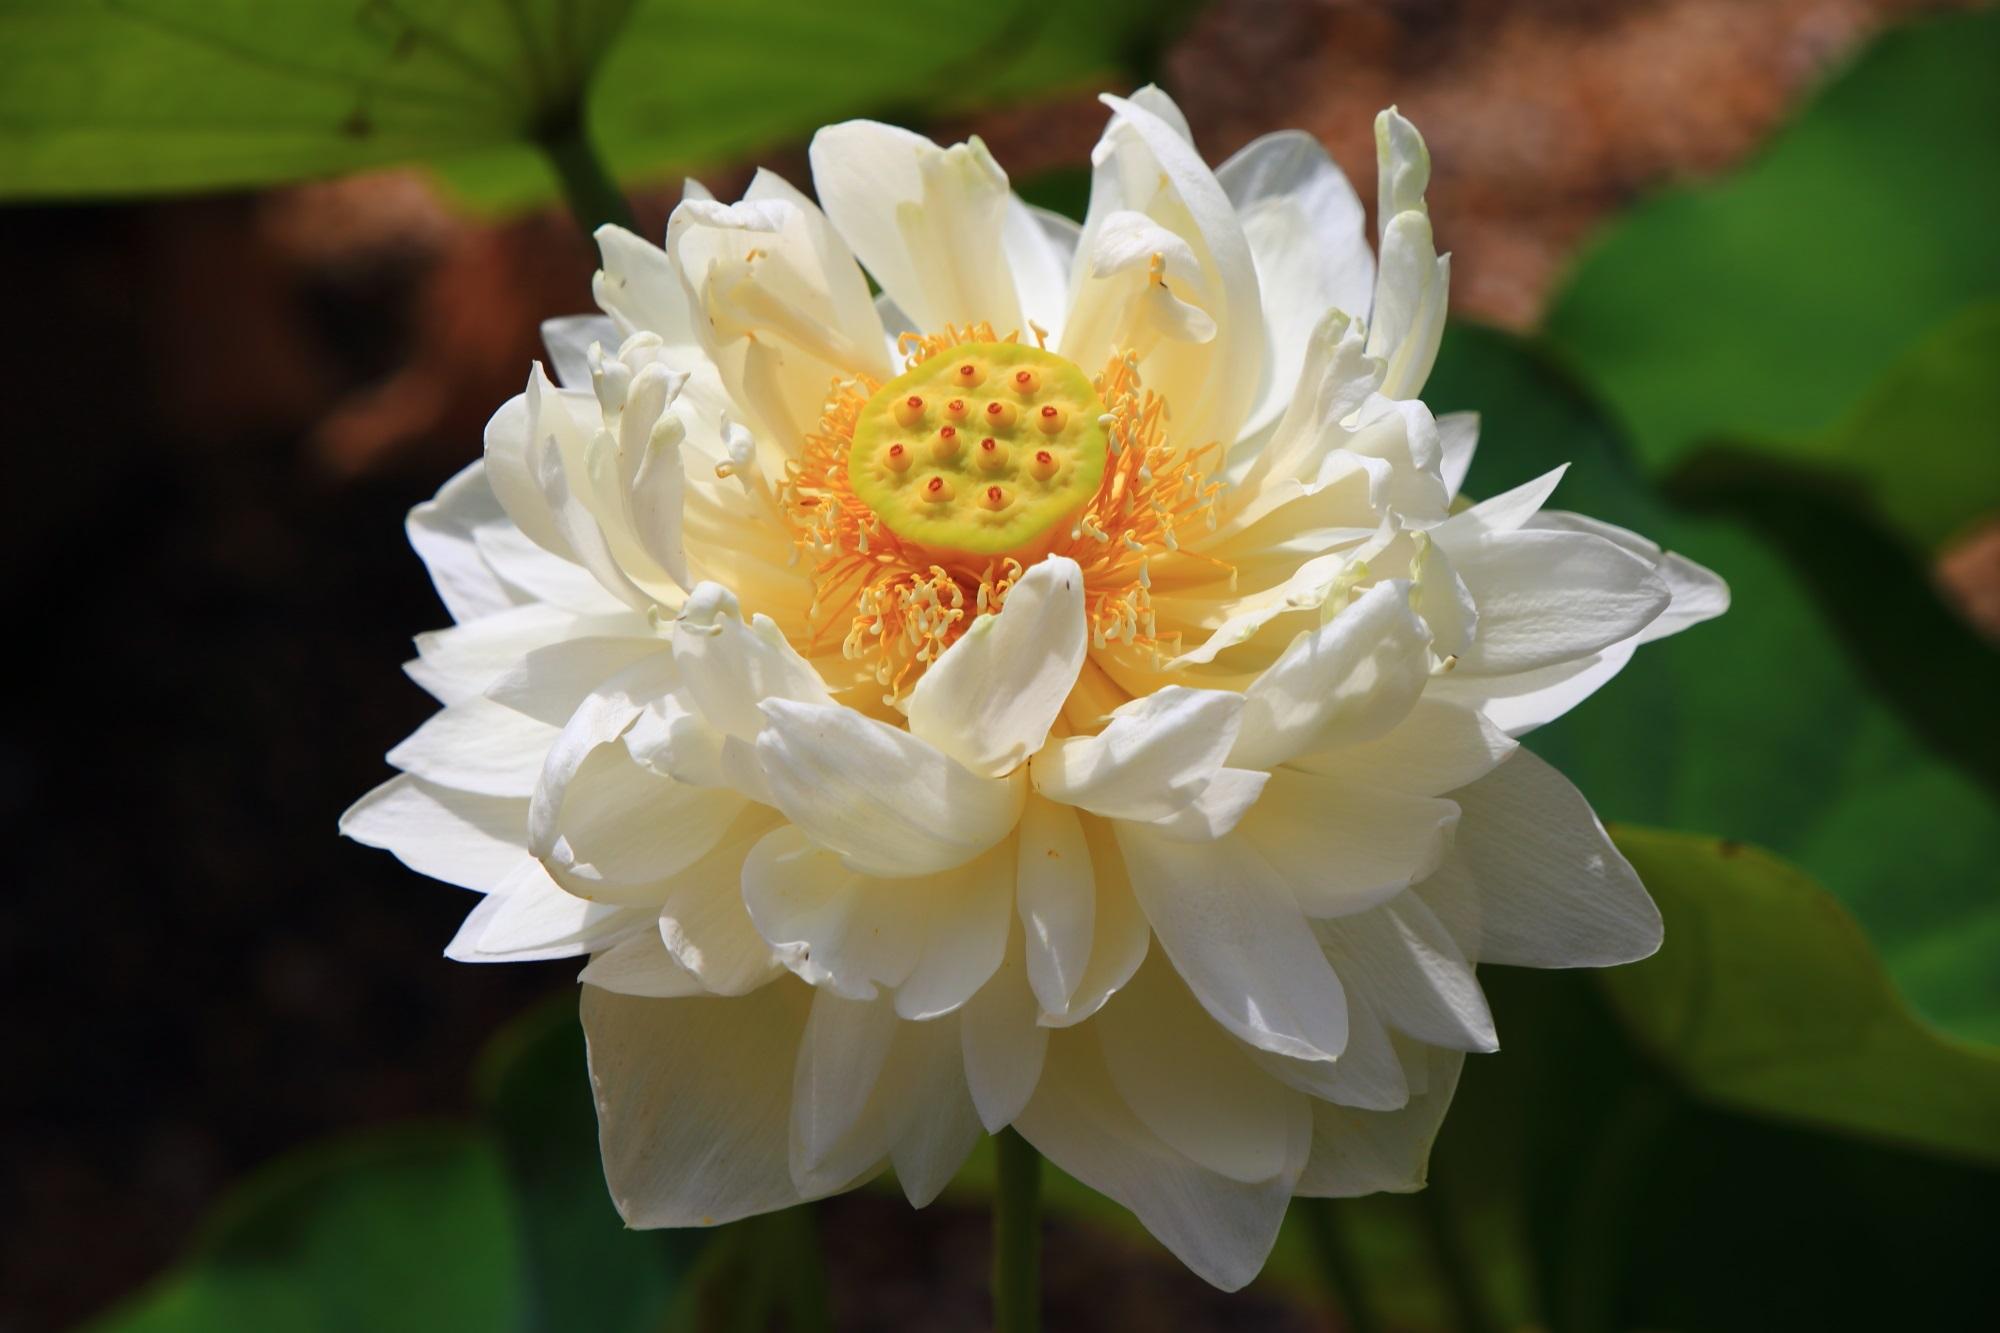 午後には閉じてしまうため午前中が見ごろの蓮の花